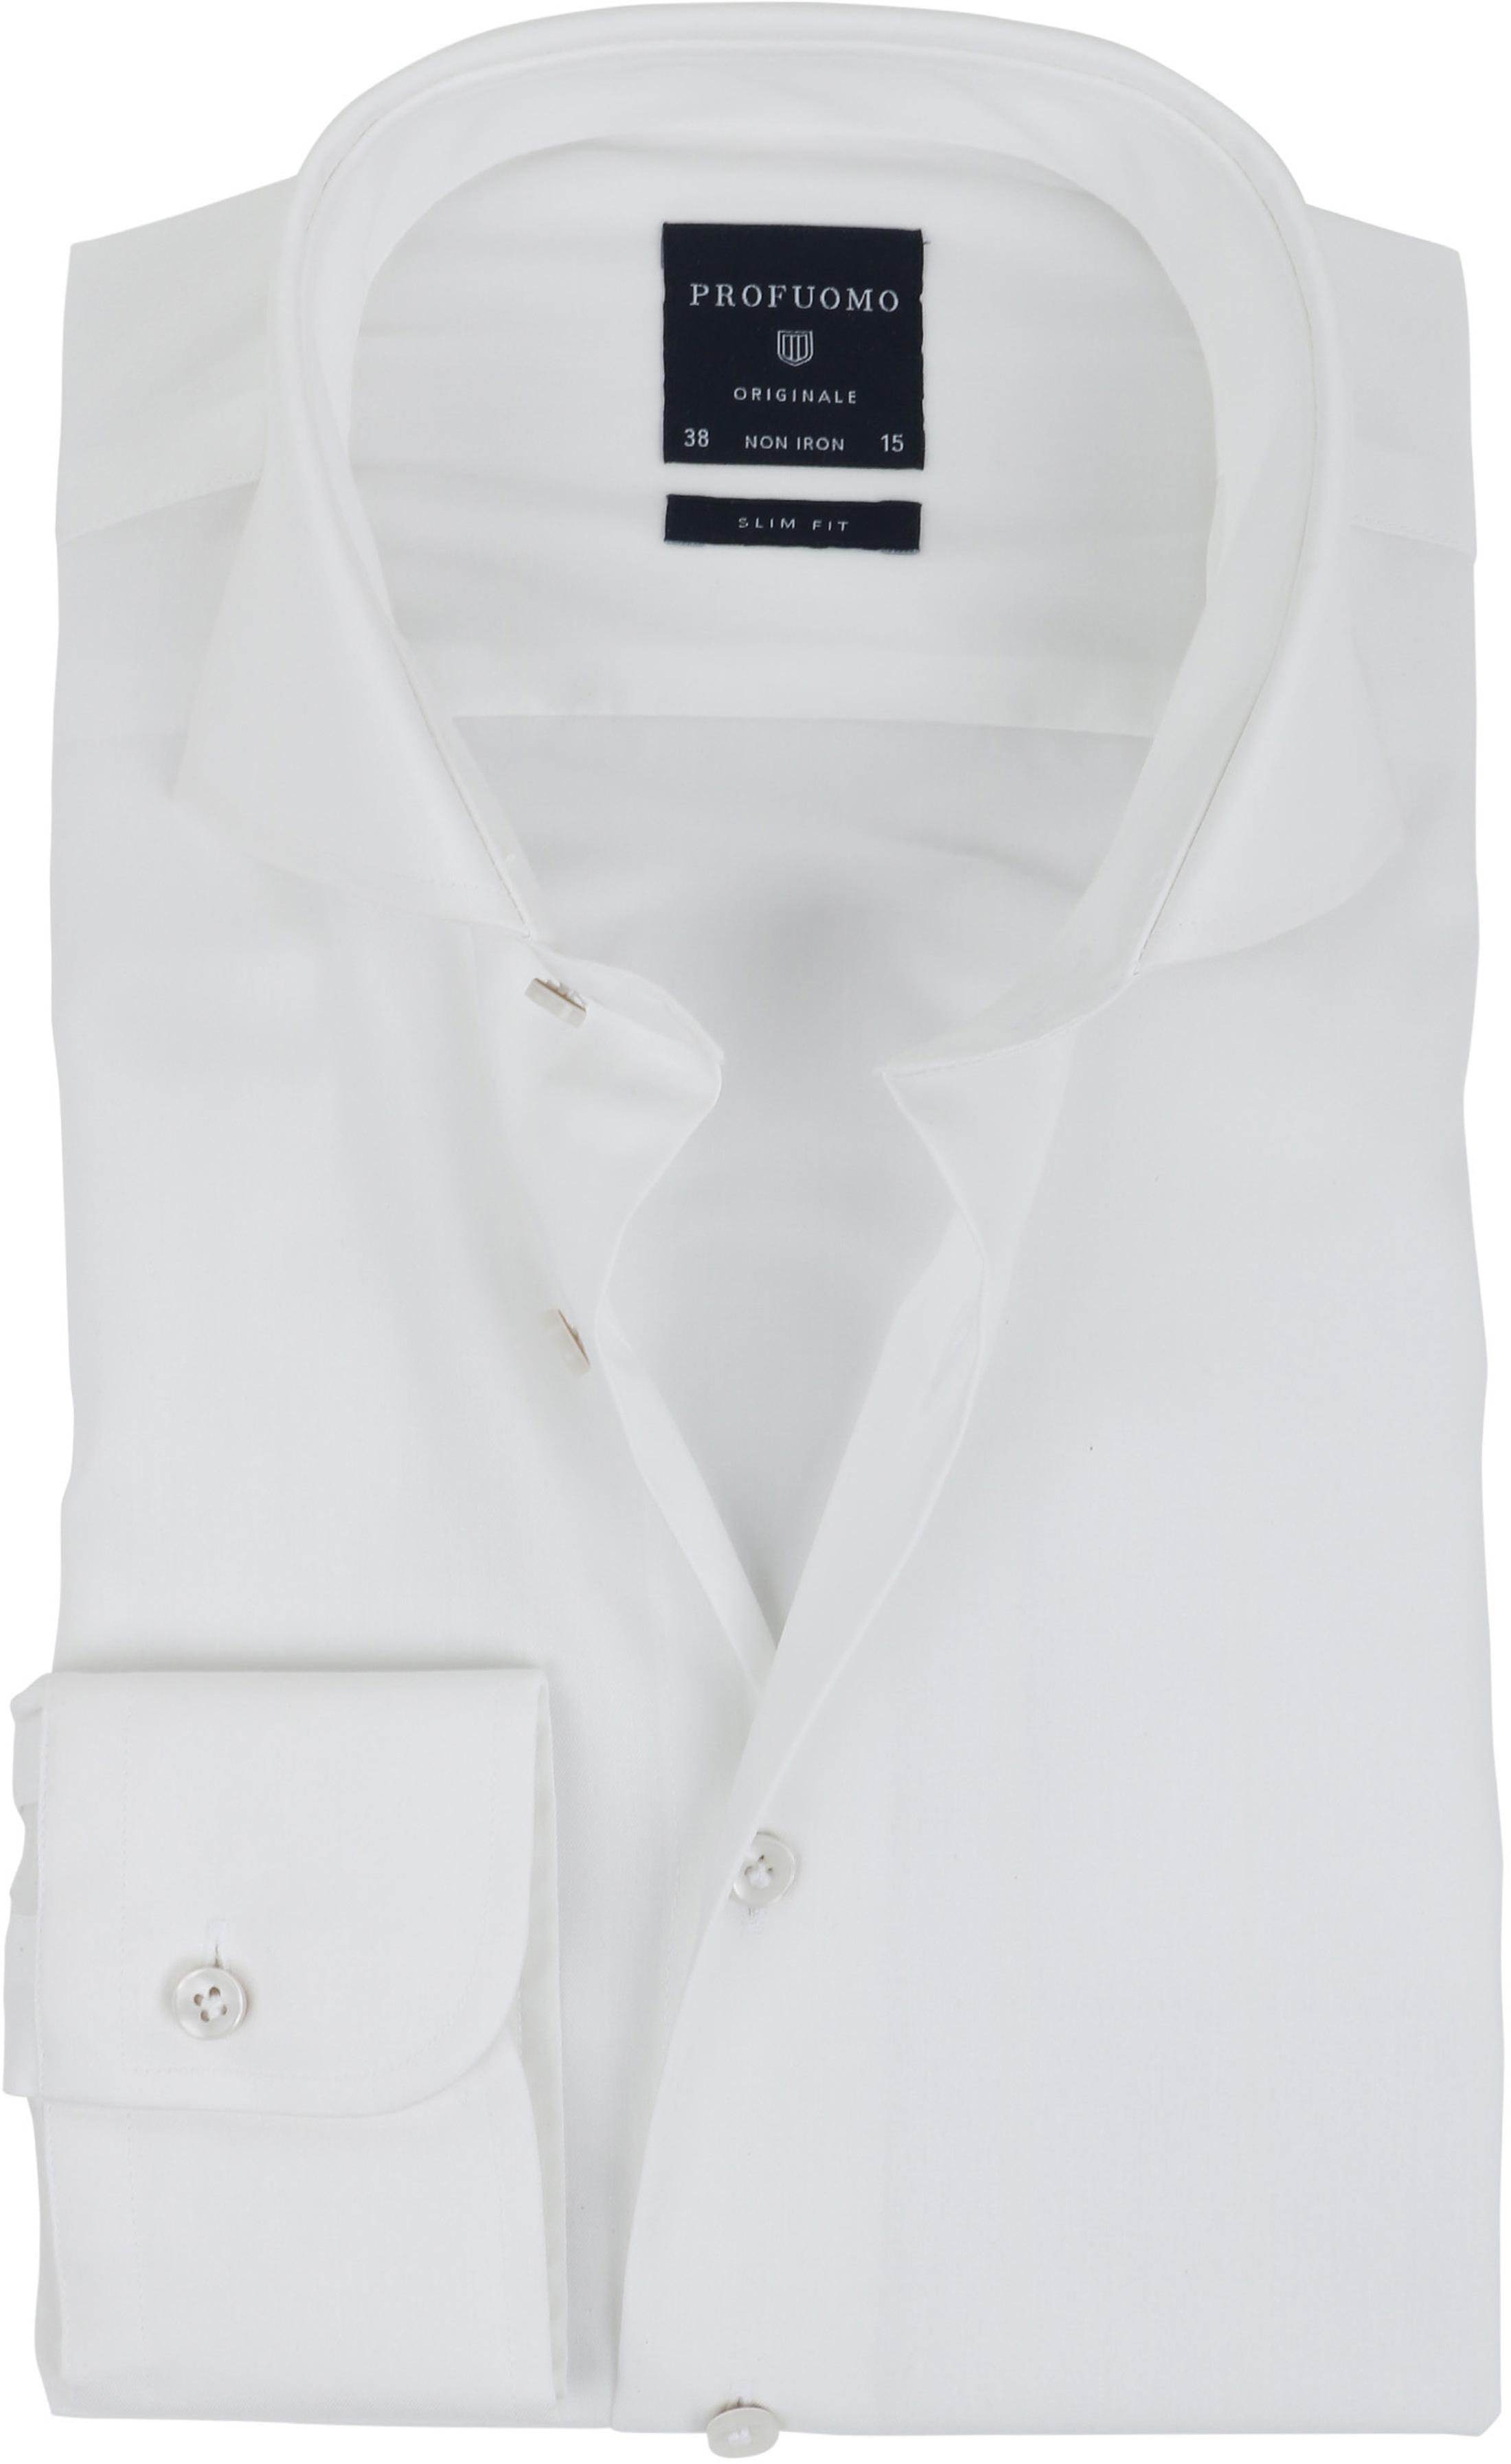 Profuomo Overhemd SF Off White foto 0